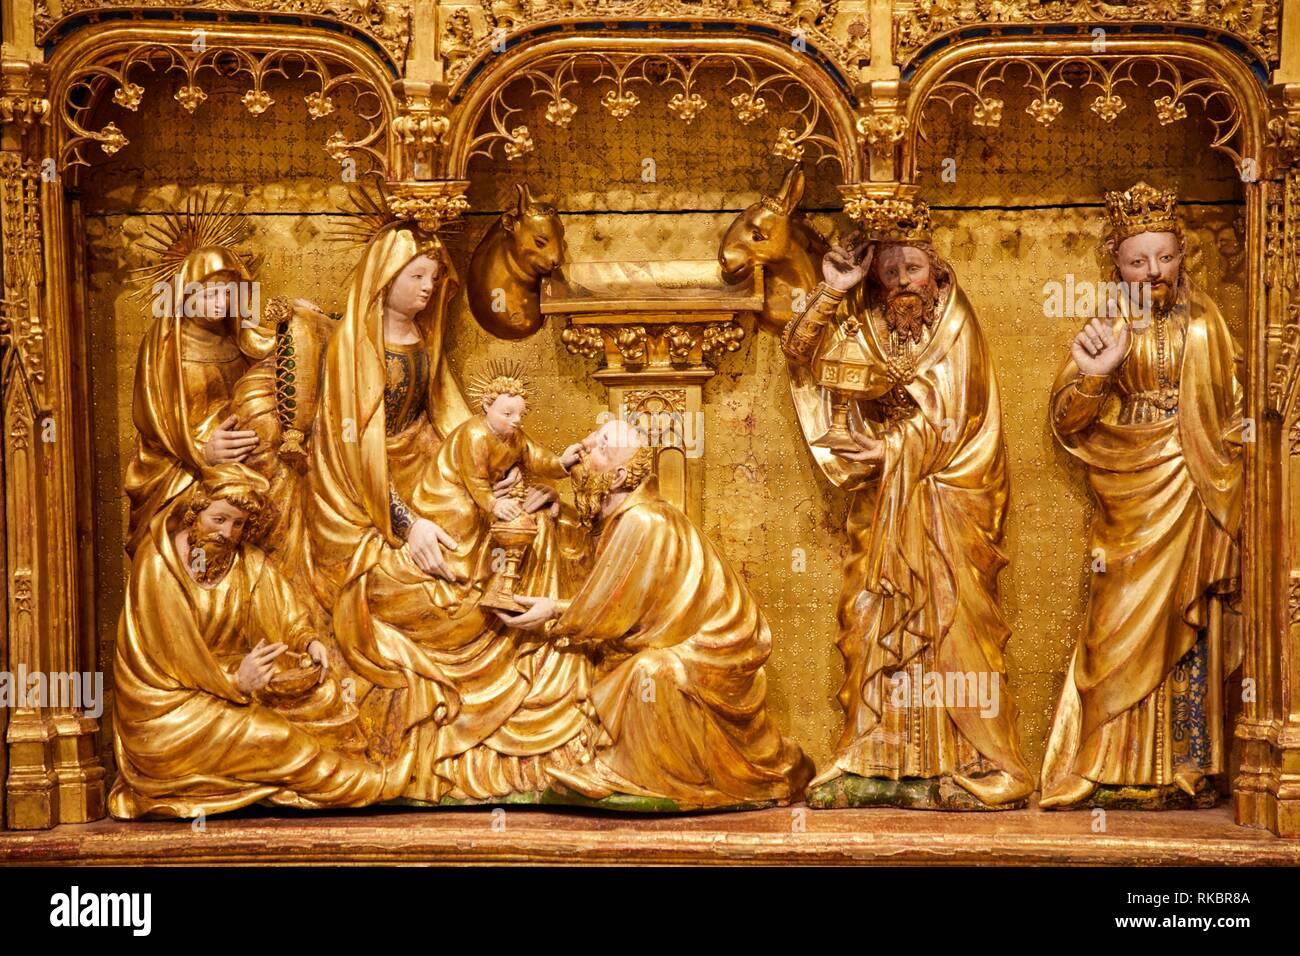 Retable de la Crucifixion, Salle des Retables de la chartreuse de Champmol, Jacques de Baerze and Melchior Broederlam, Fine Arts Museum, Musée des - Stock Image